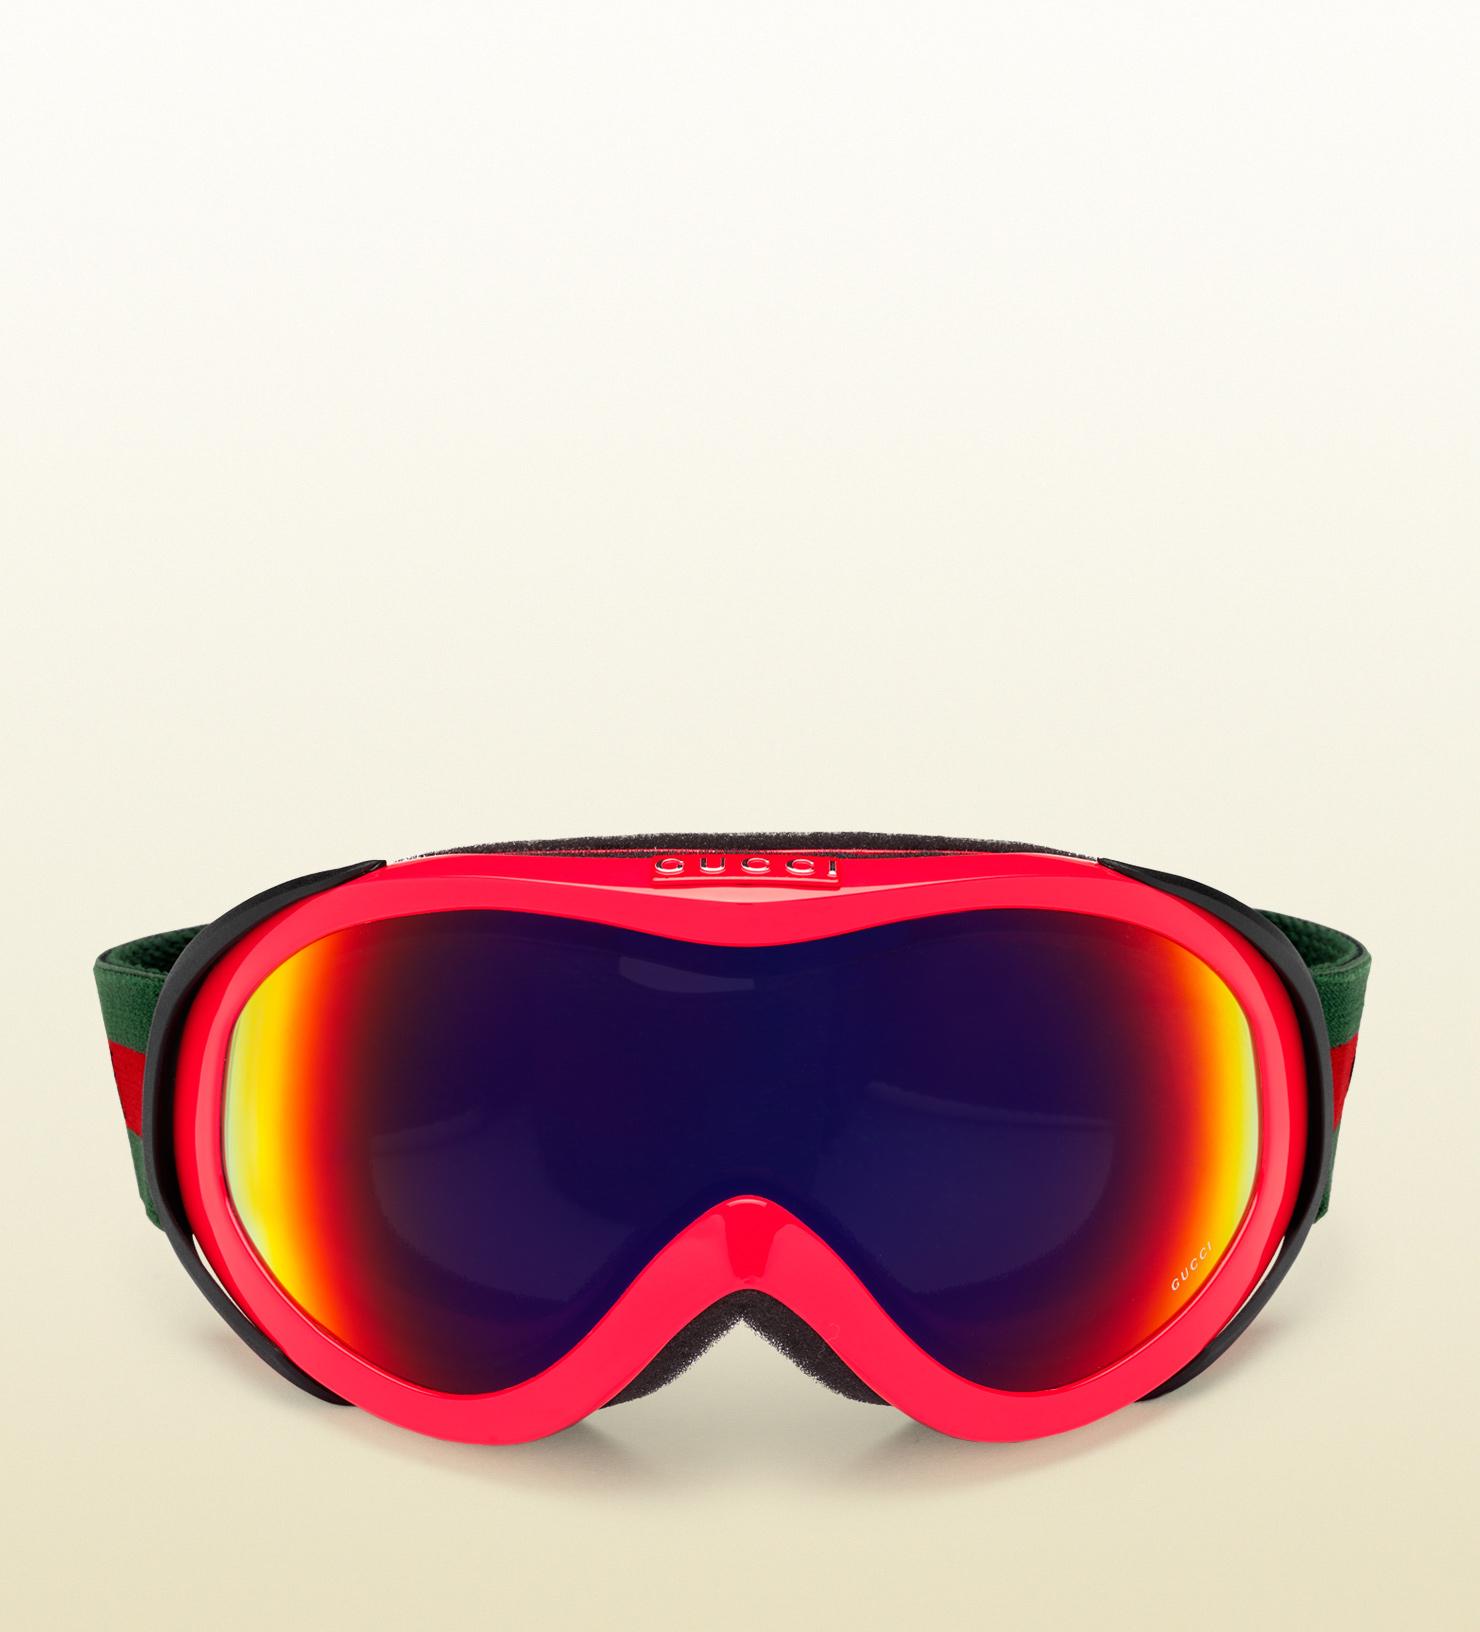 94a532c0bf6 Gucci Neon Fuchsia Ski Goggles in Red for Men - Lyst